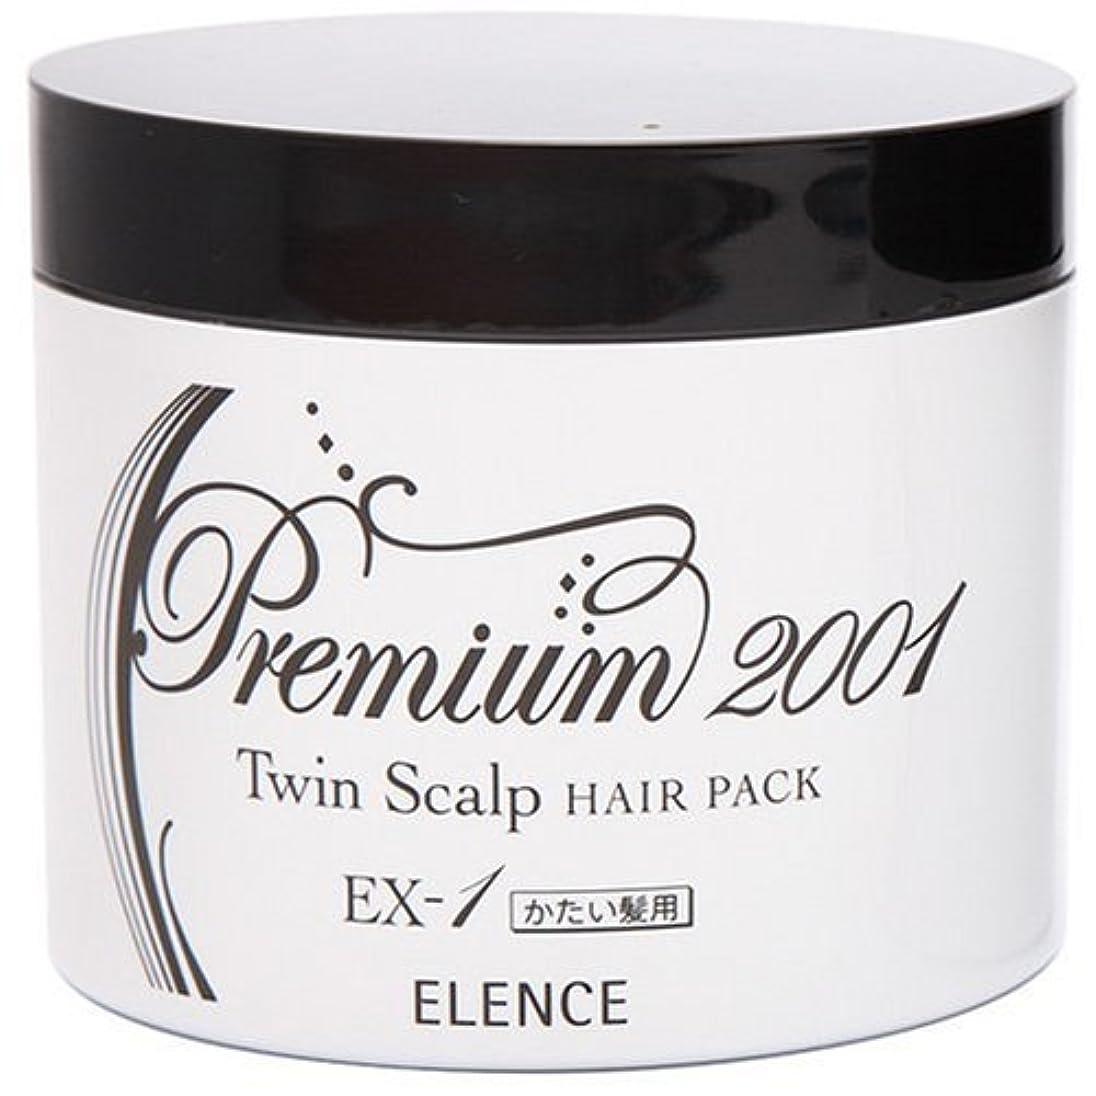 飢えた想定不安エレンス2001 ツインスキャルプヘアパックEX-1(かたい髪用)